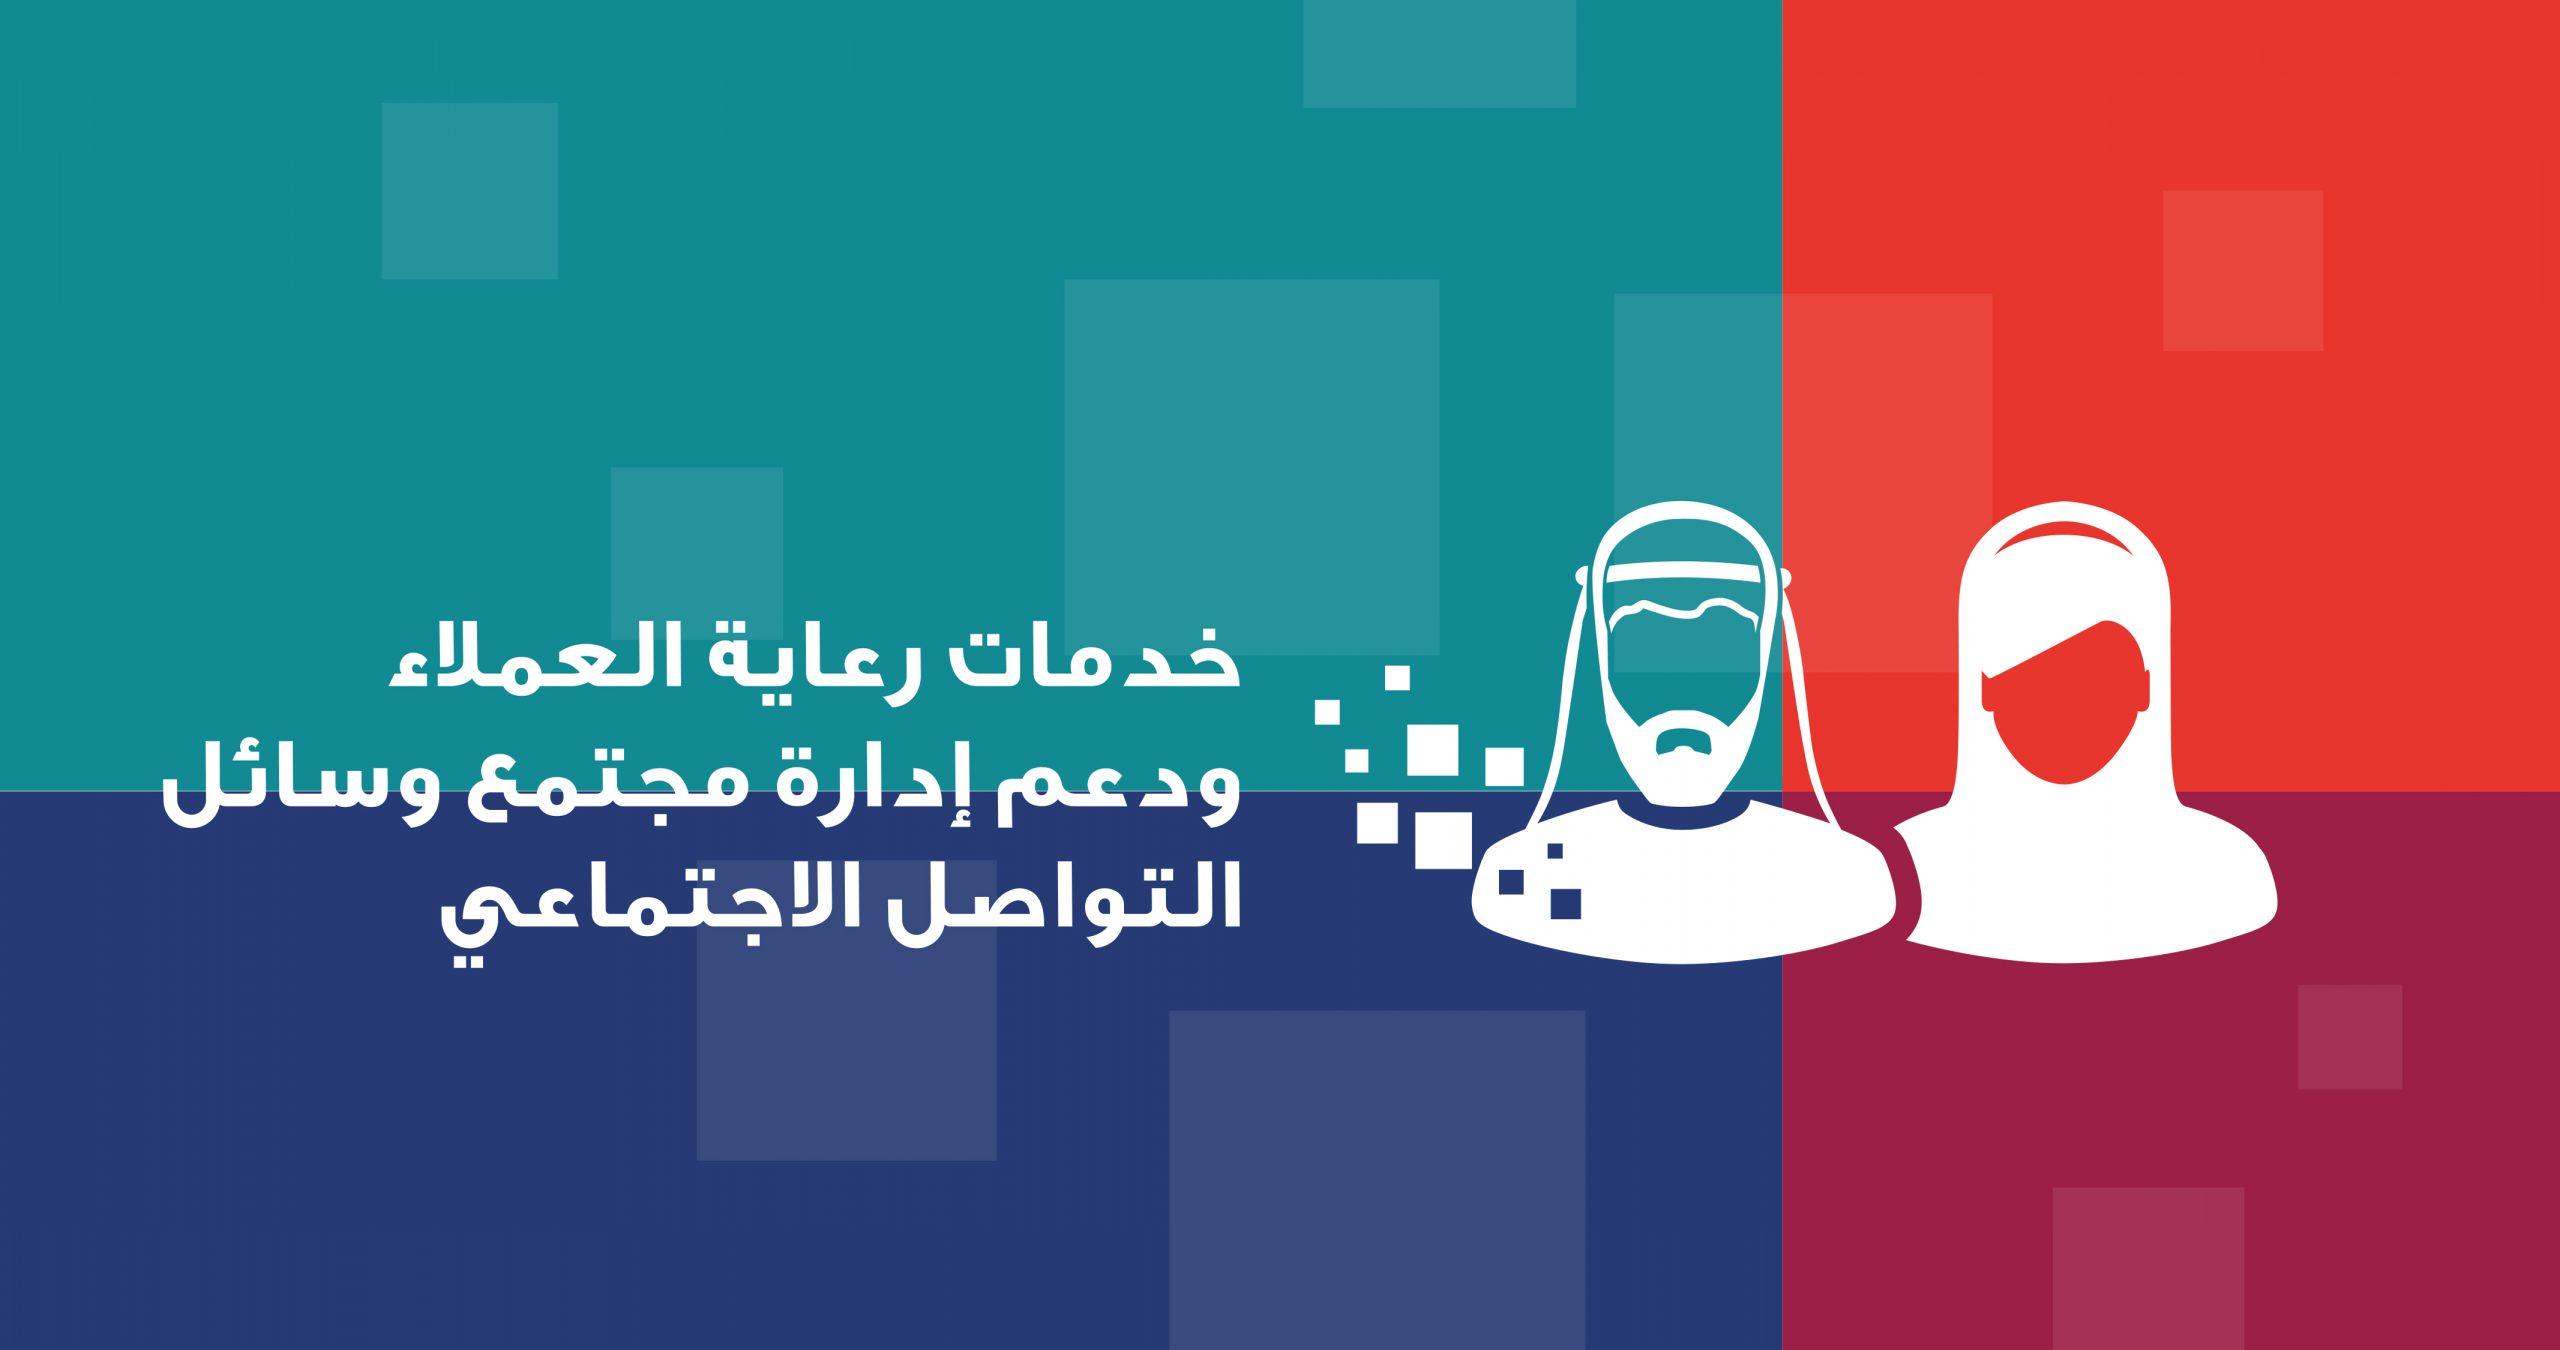 خدمات رعاية العملاء ودعم إدارة مجتمع وسائل التواصل الاجتماعي